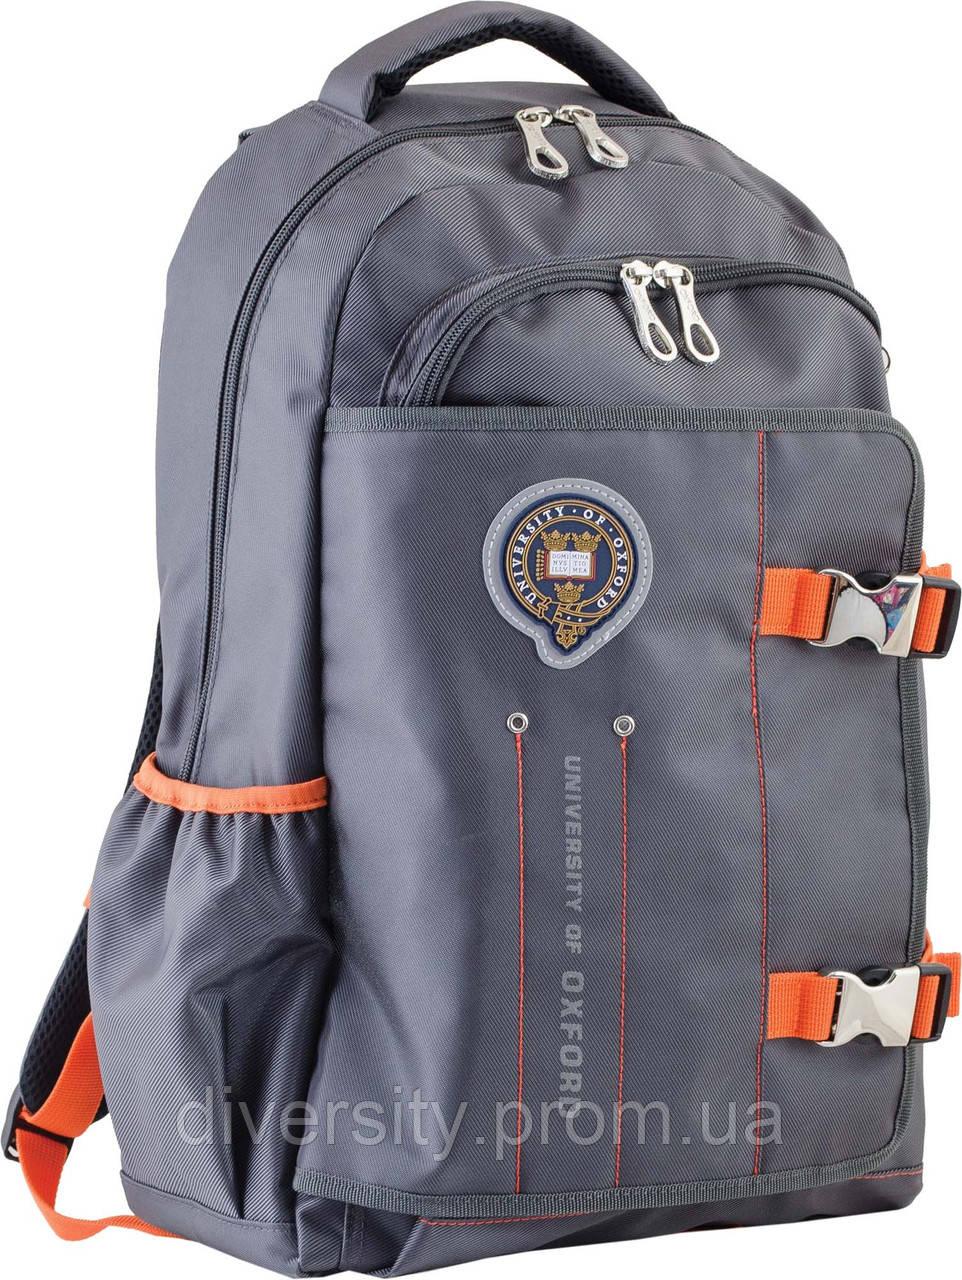 Ранец подростковый OX 302, серый, 30*47*14.5